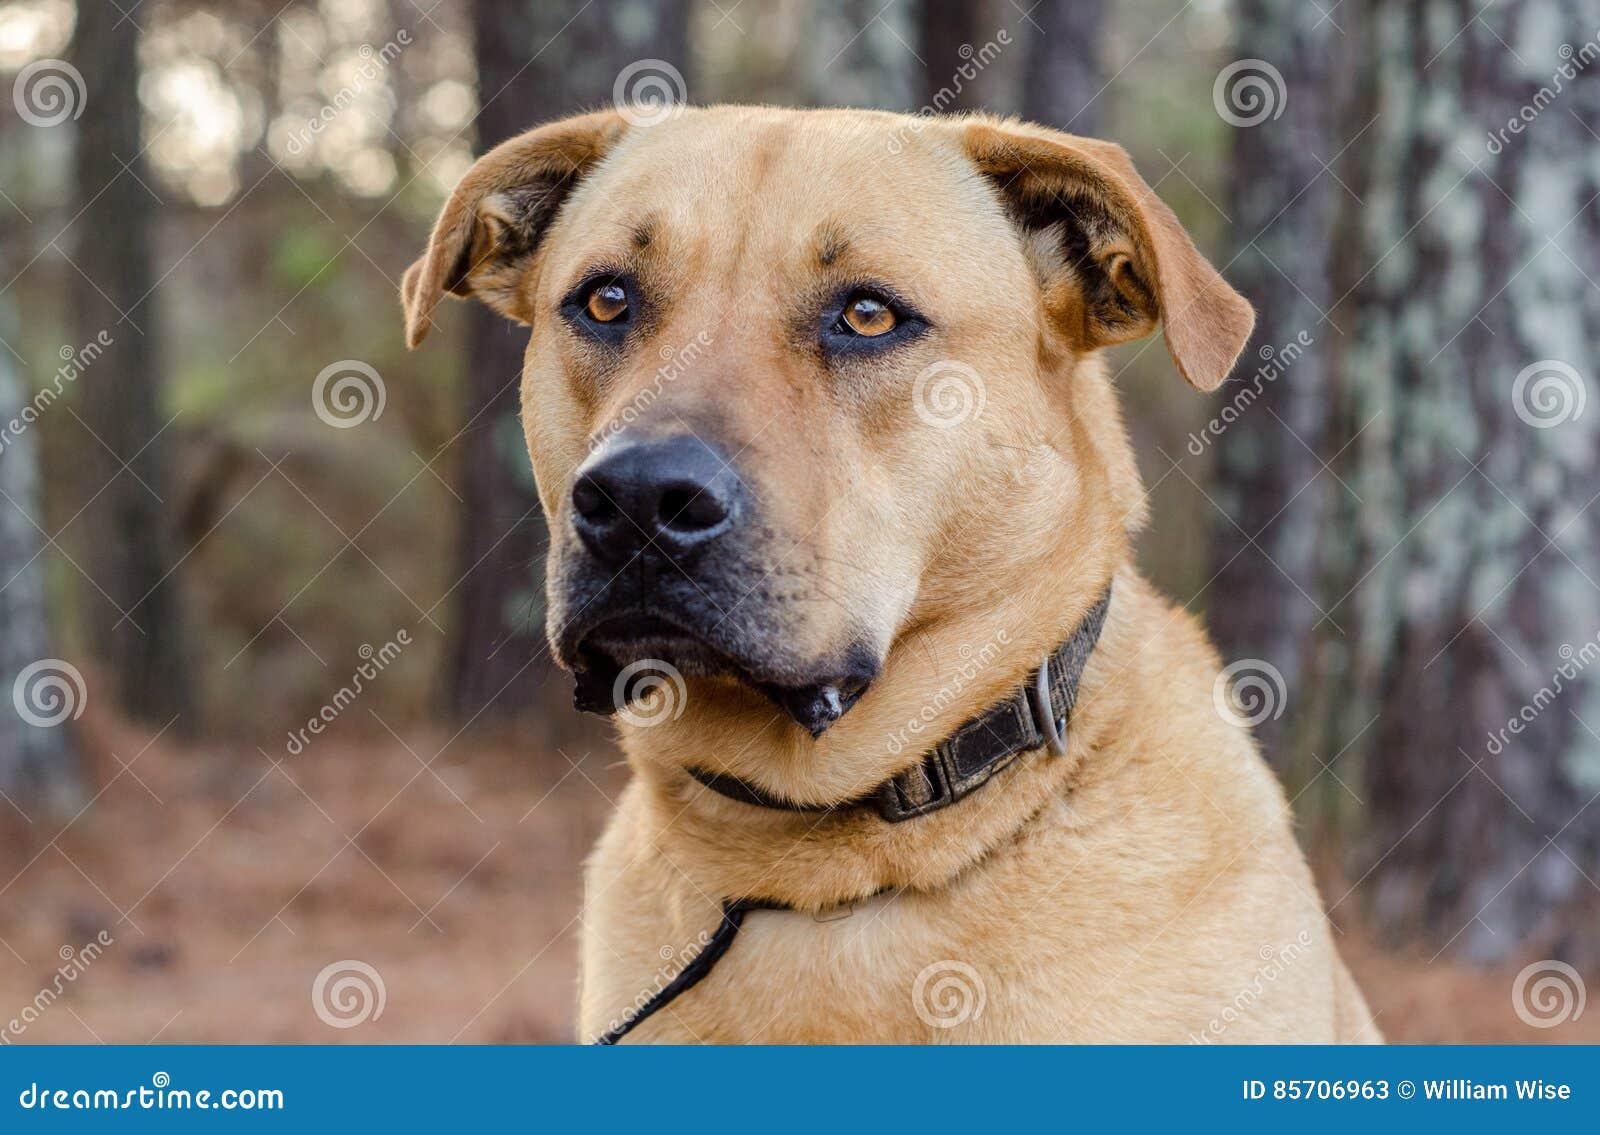 Large Dog Adoption Georgia